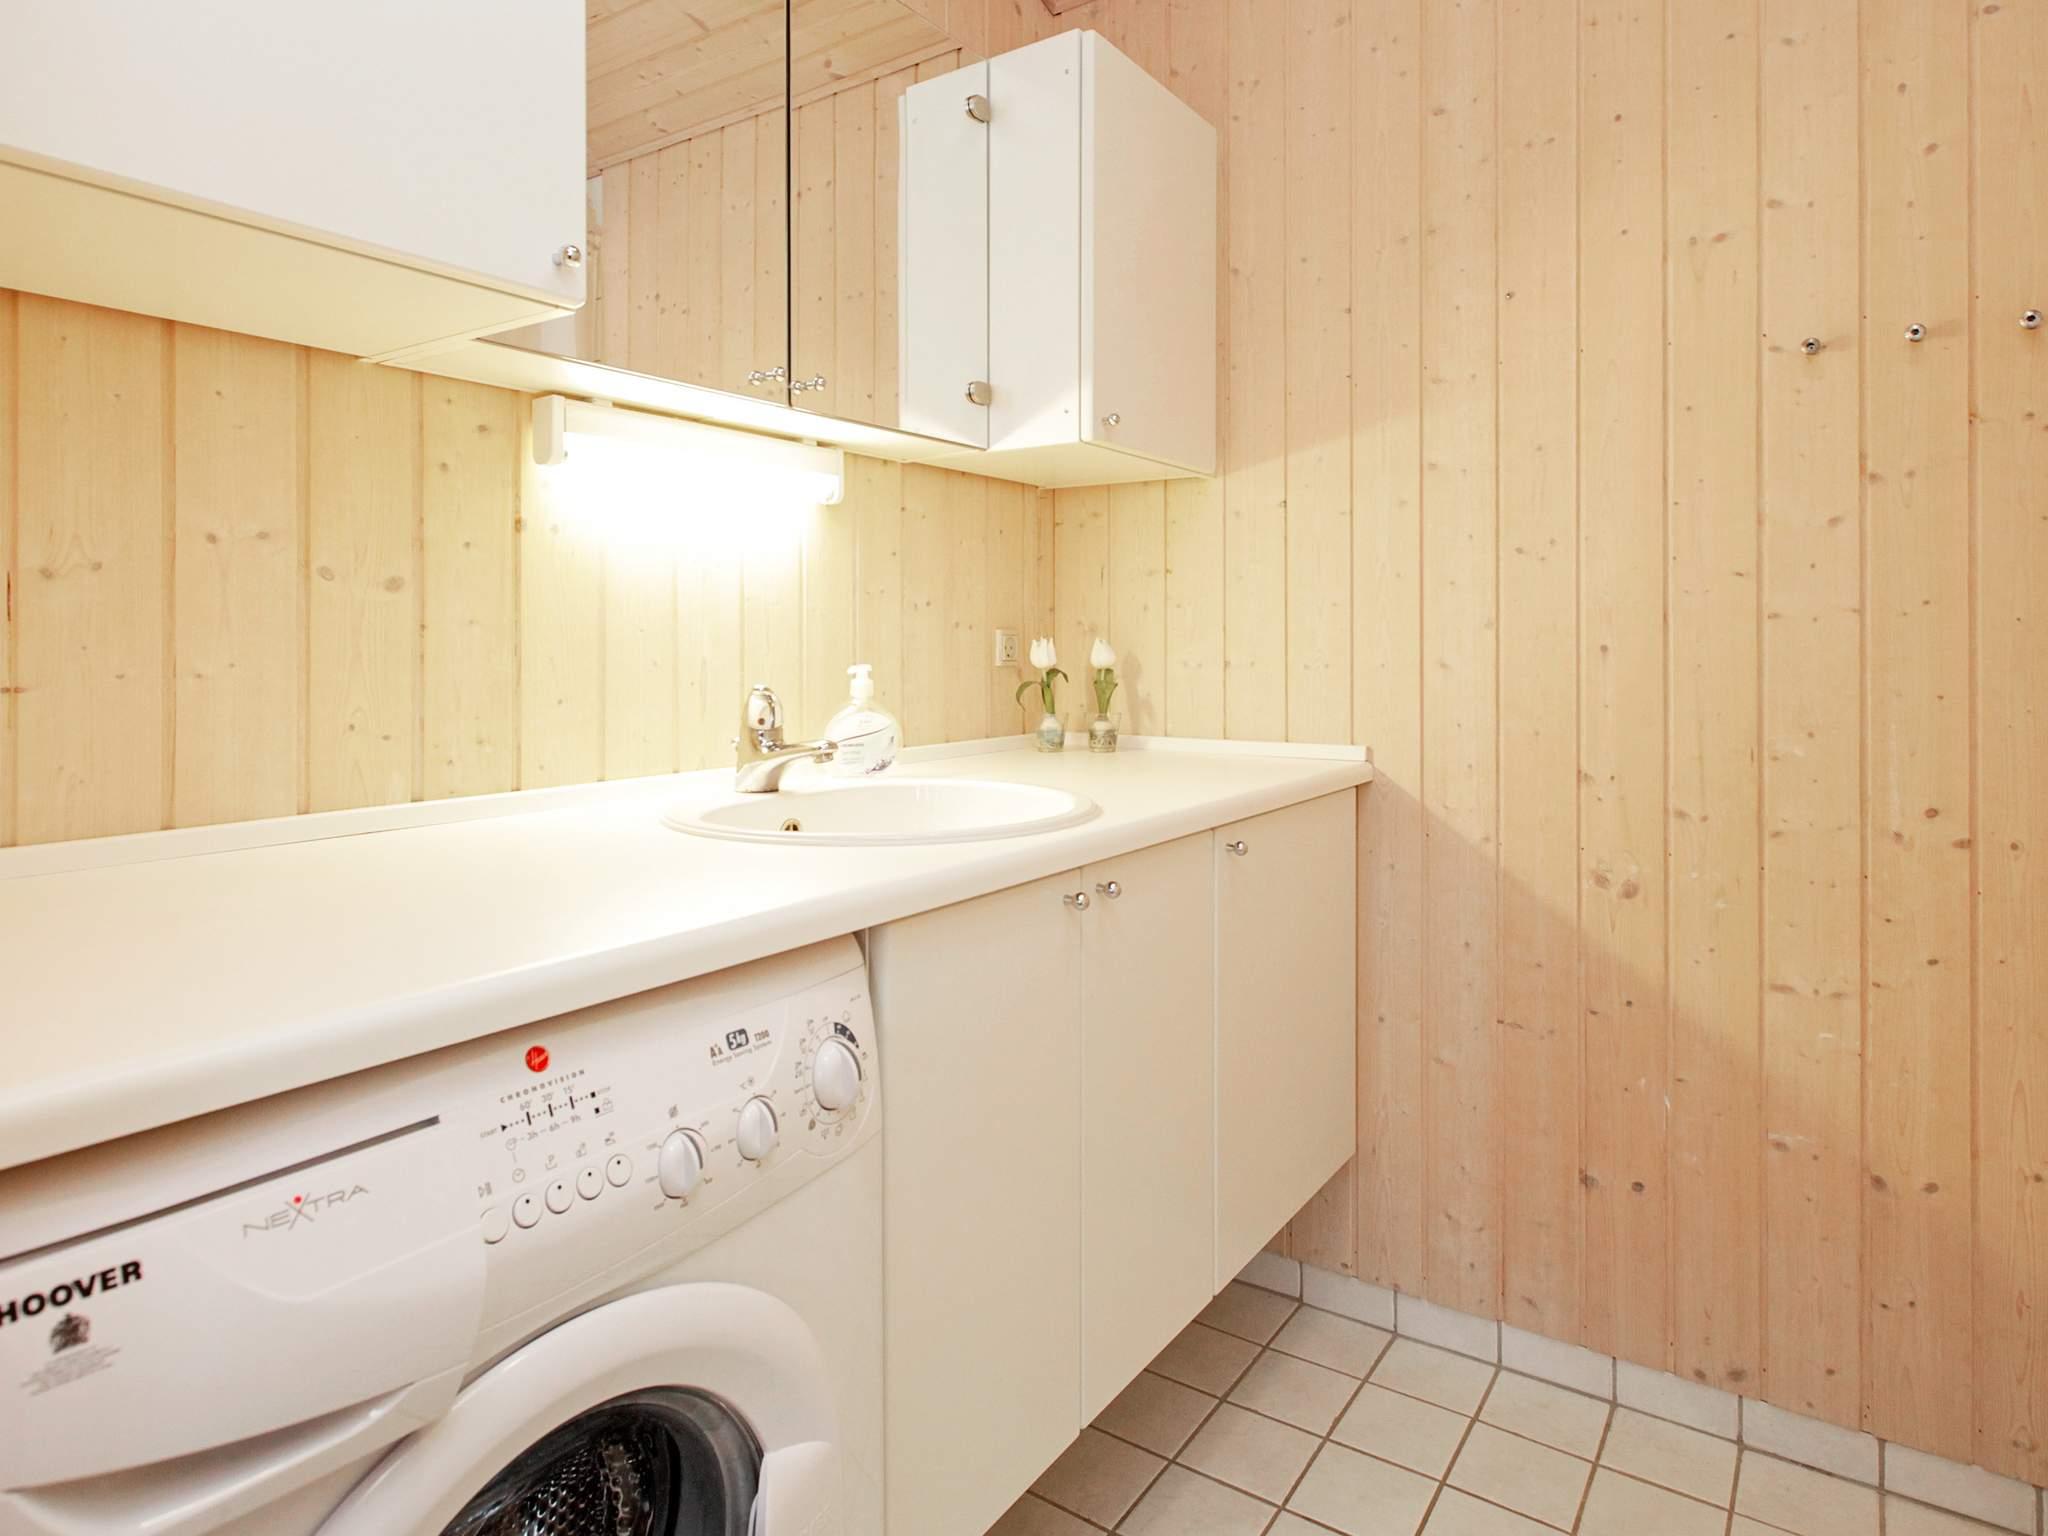 Ferienhaus Dageløkke (235475), Dageløkke, , Langeland, Dänemark, Bild 6